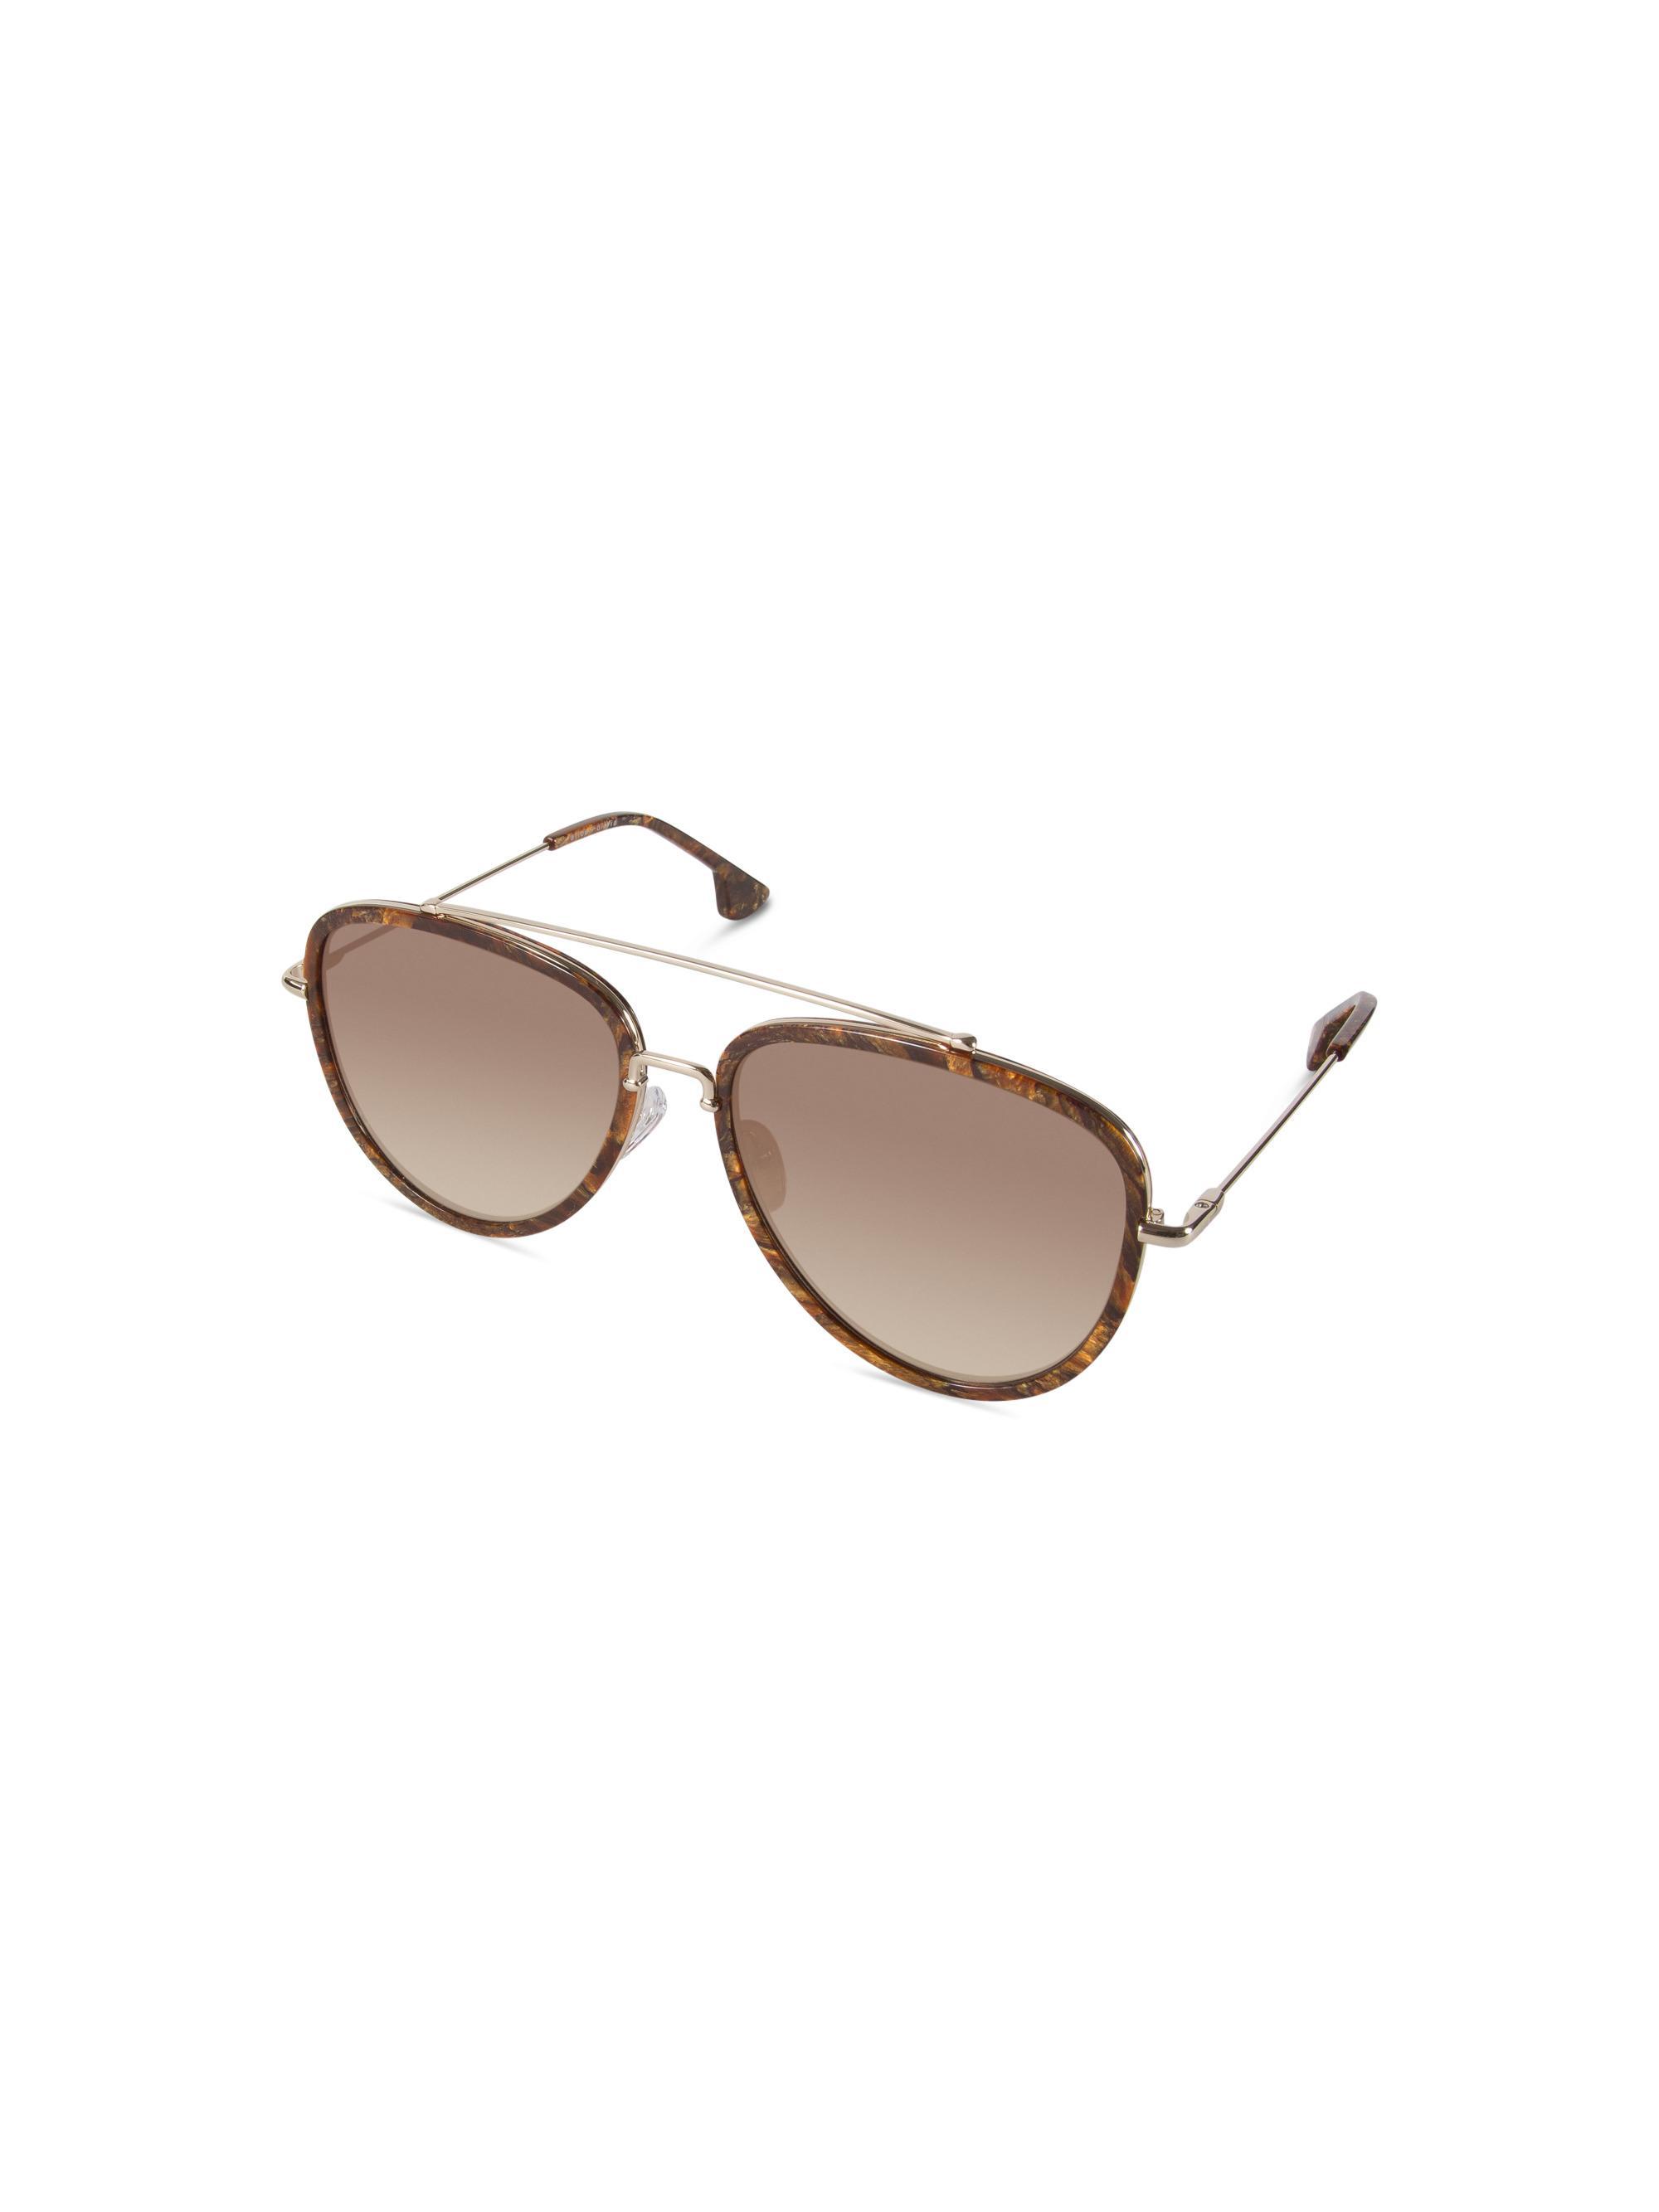 9466e1b0b6 Lyst - Alice + Olivia Lincoln Sunglasses